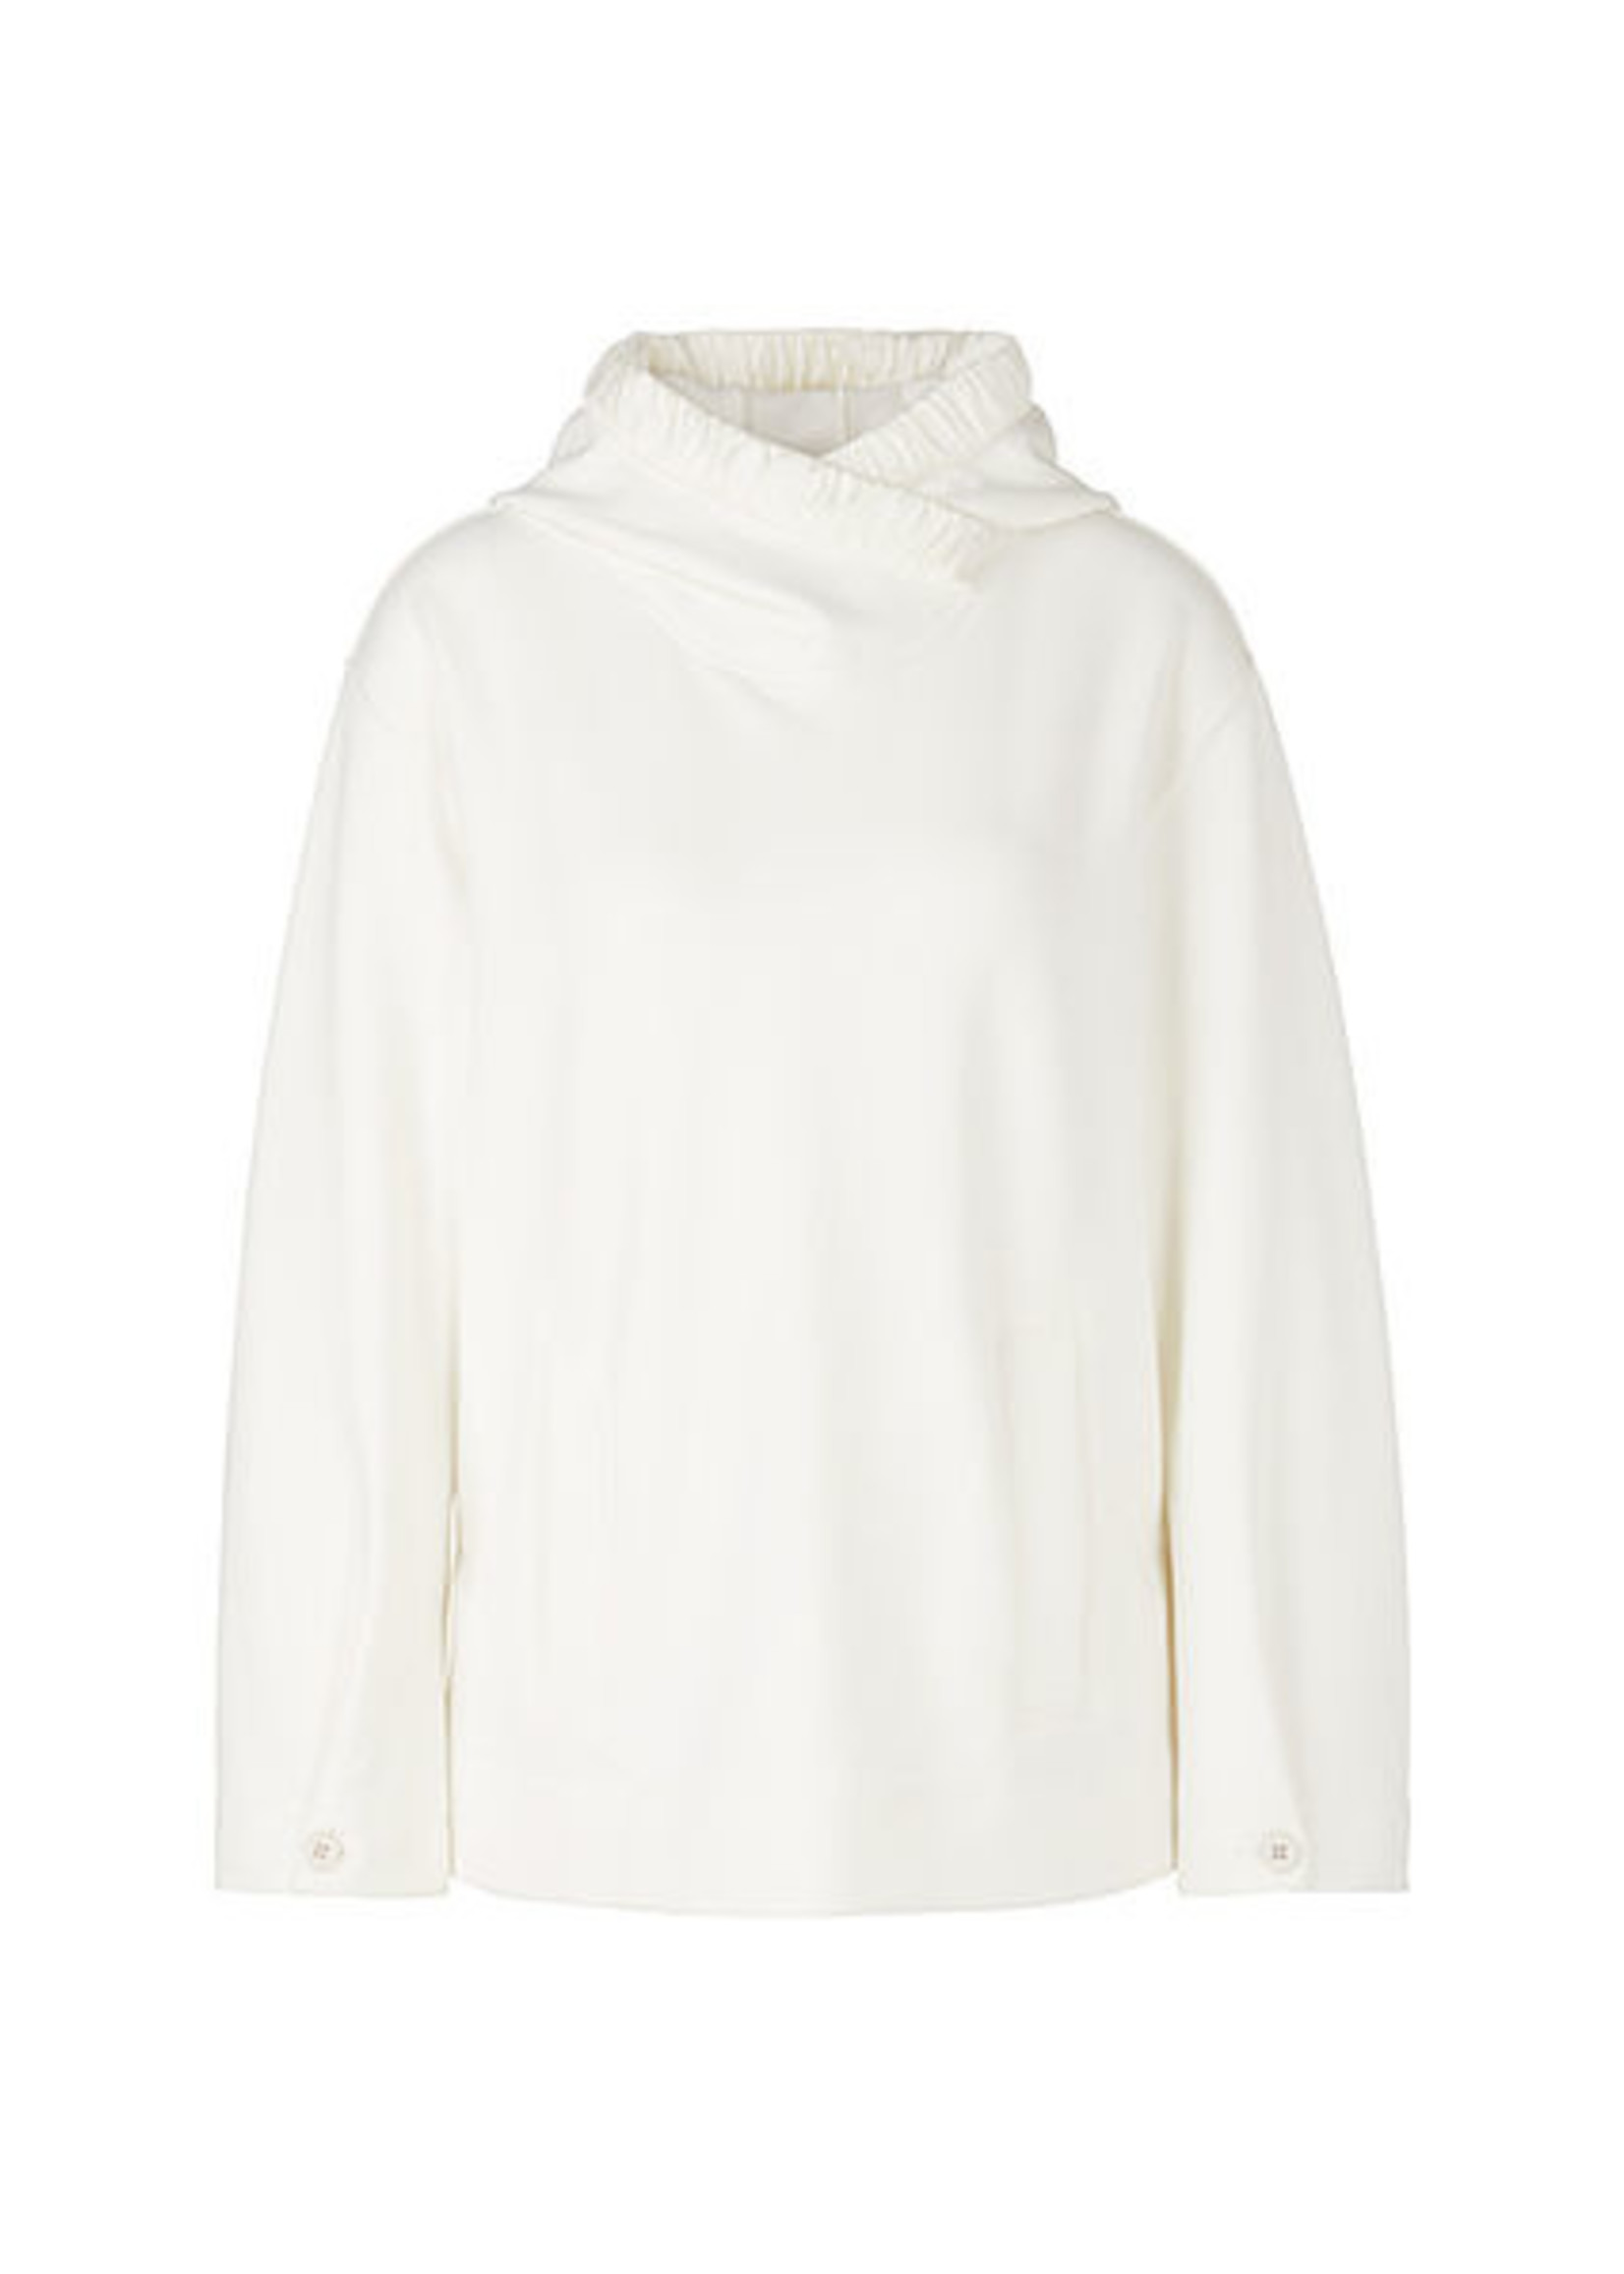 Sweatshirt RC 44.05 J63 off-white